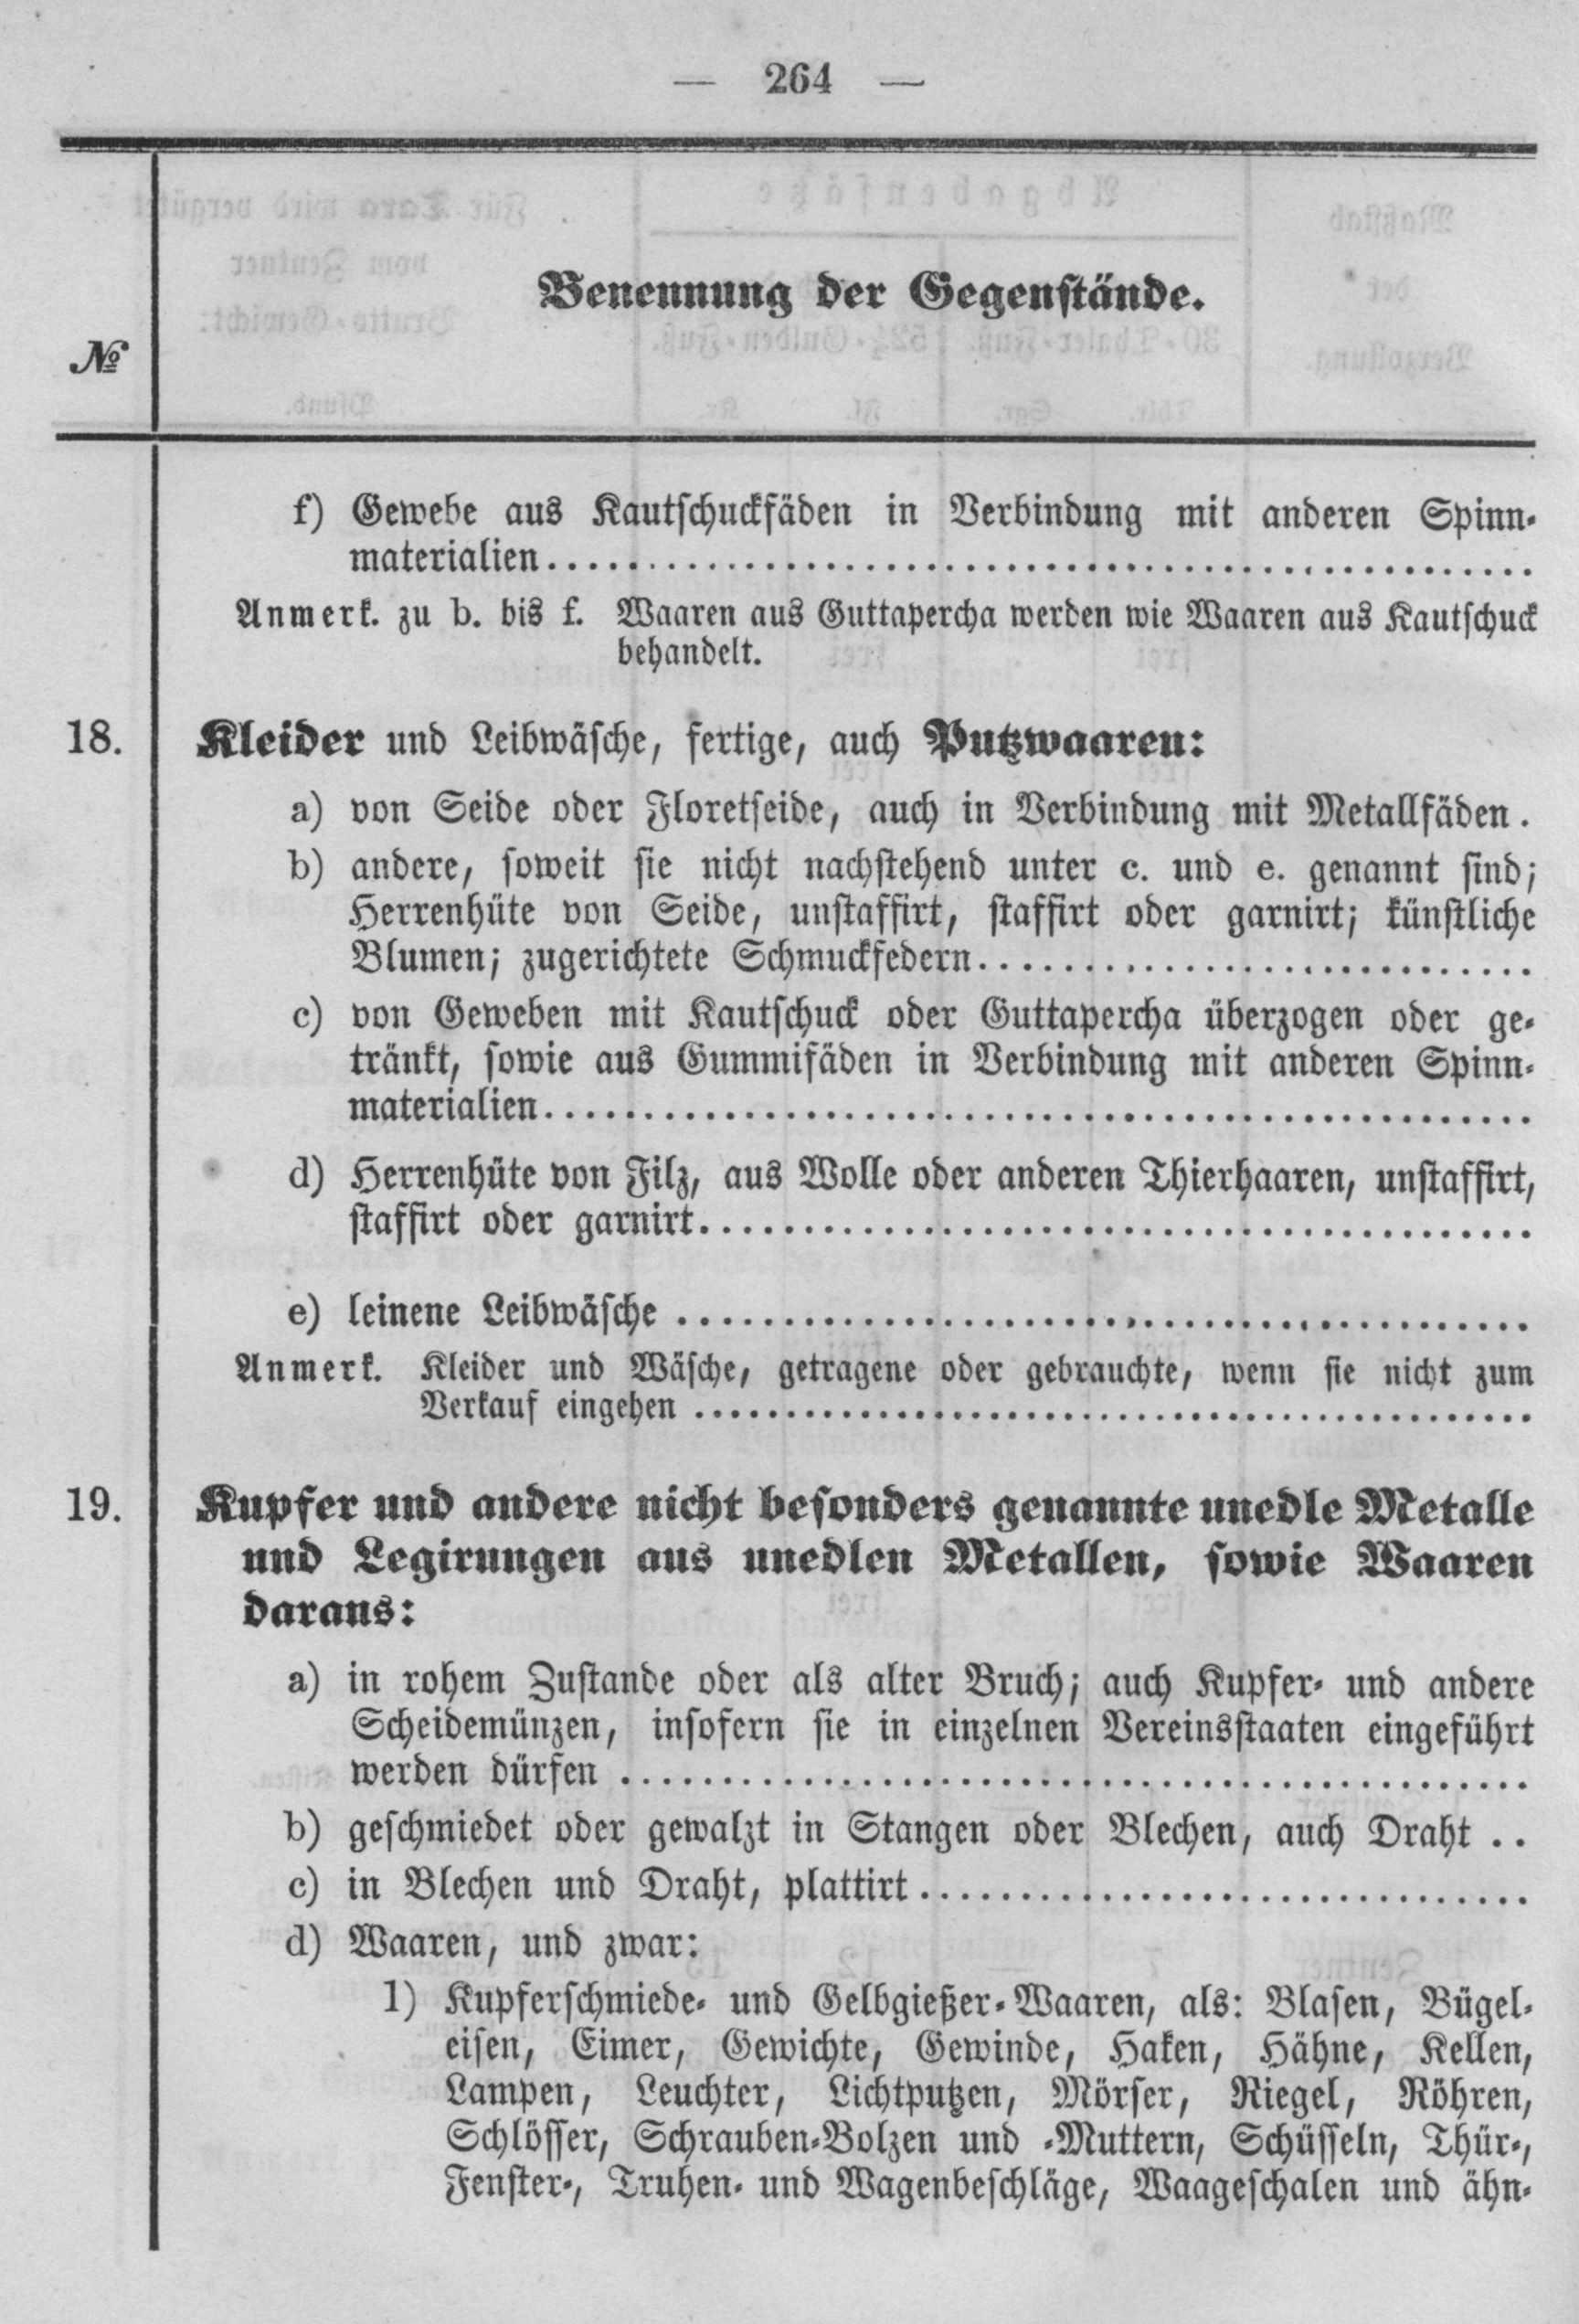 file:deutsches reichsgesetzblatt 1873 023 264